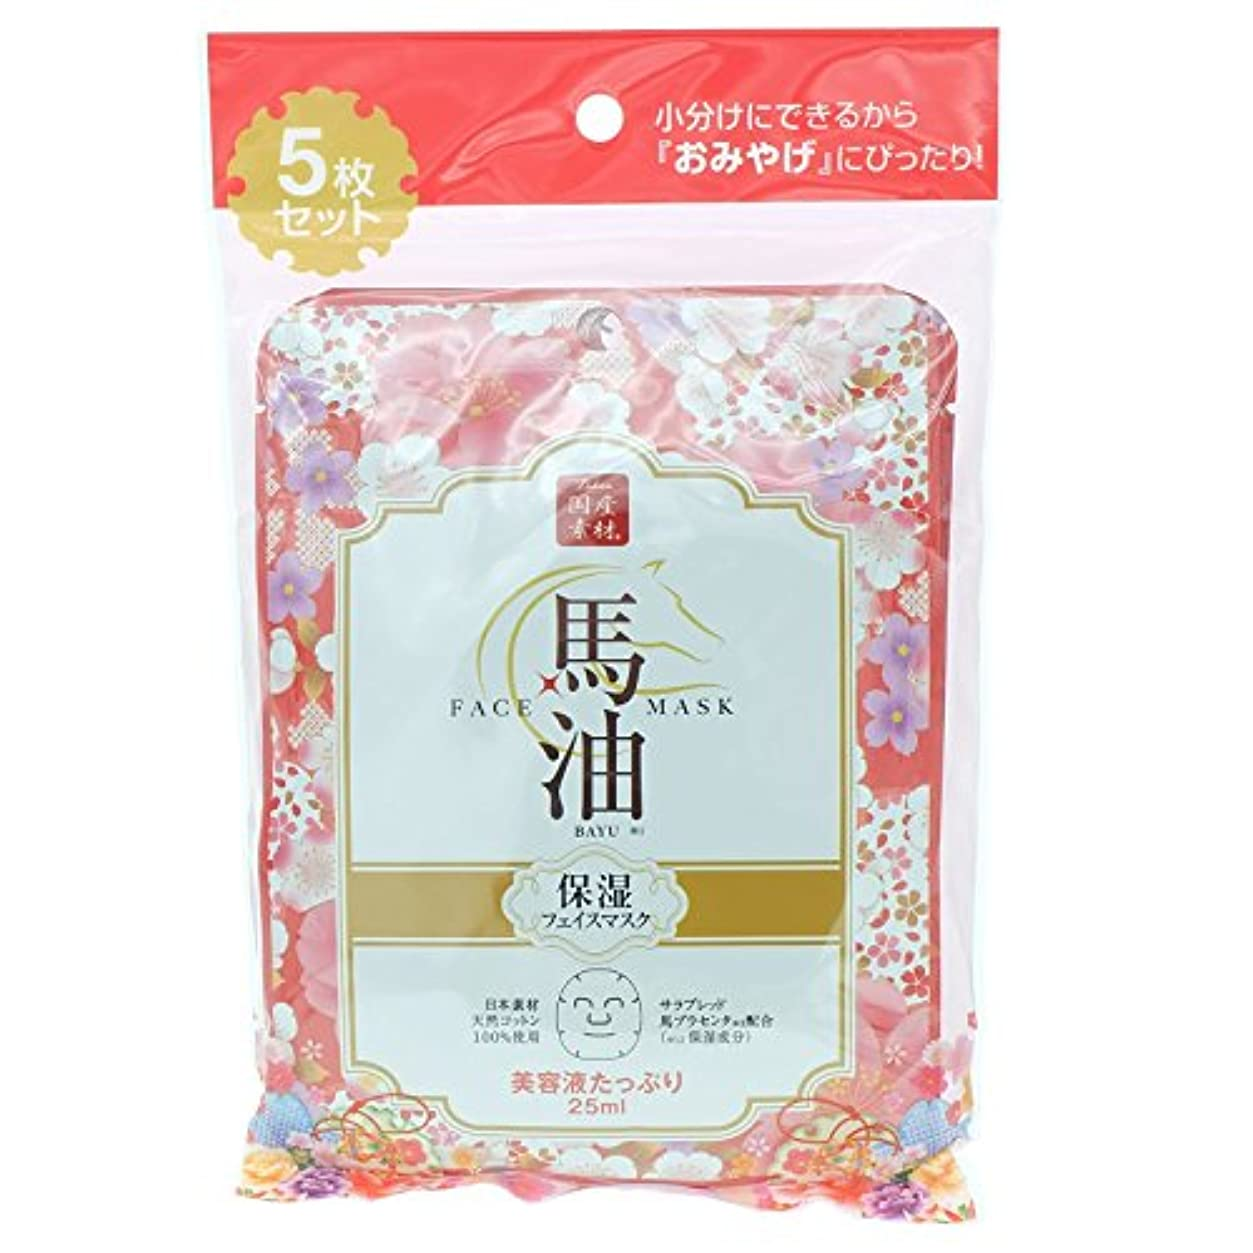 お蒸気当社リシャン 馬油フェイスマスク (美容液25ml×5枚入り)